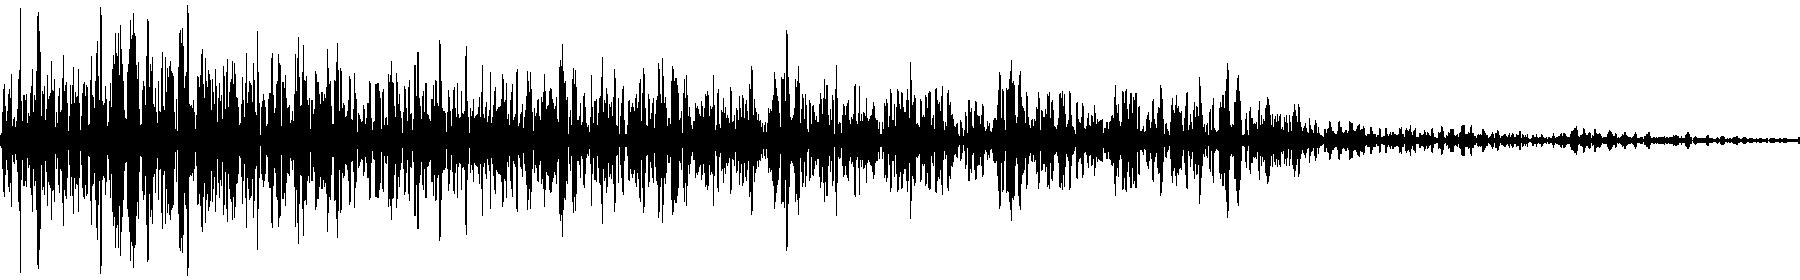 veh2 synths   036 c